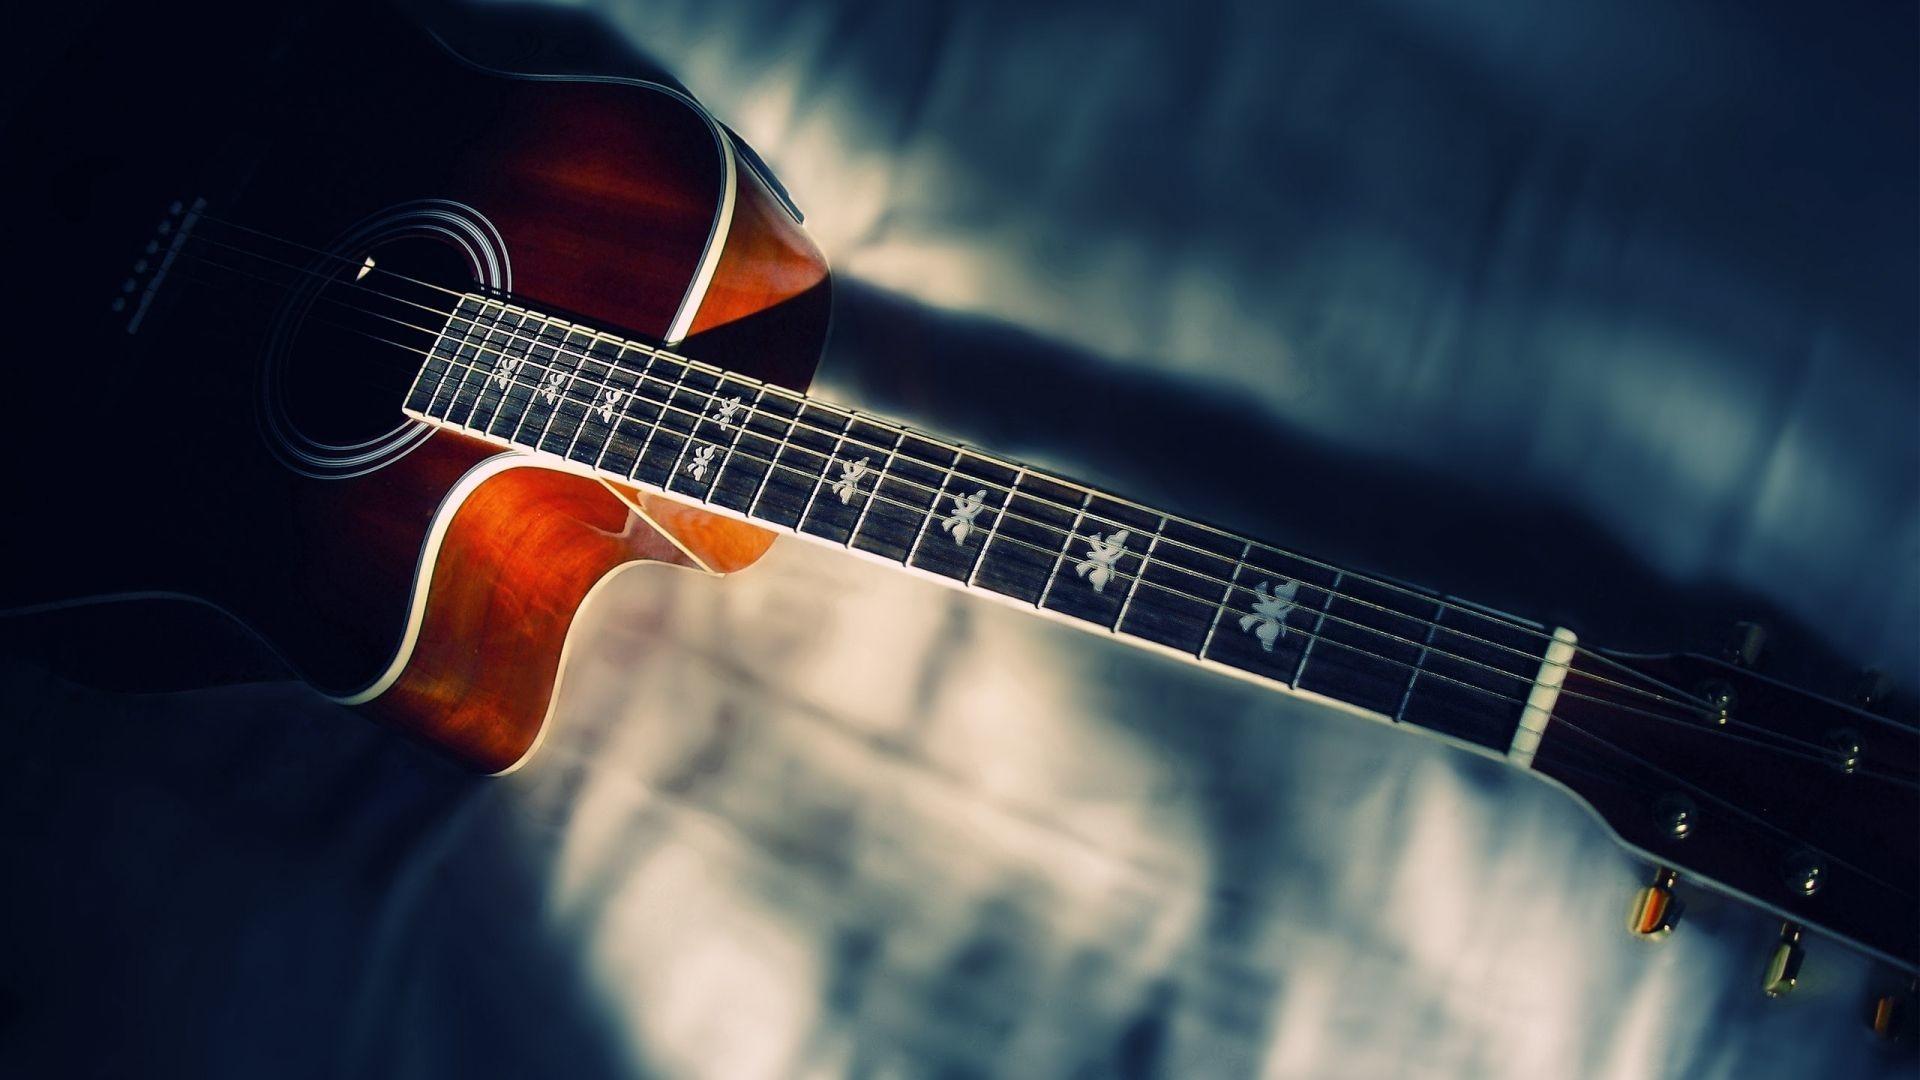 Fond D Ecran Guitare Hd Fond D Ecran De Guitare Electrique 1920x1080 Wallpapertip